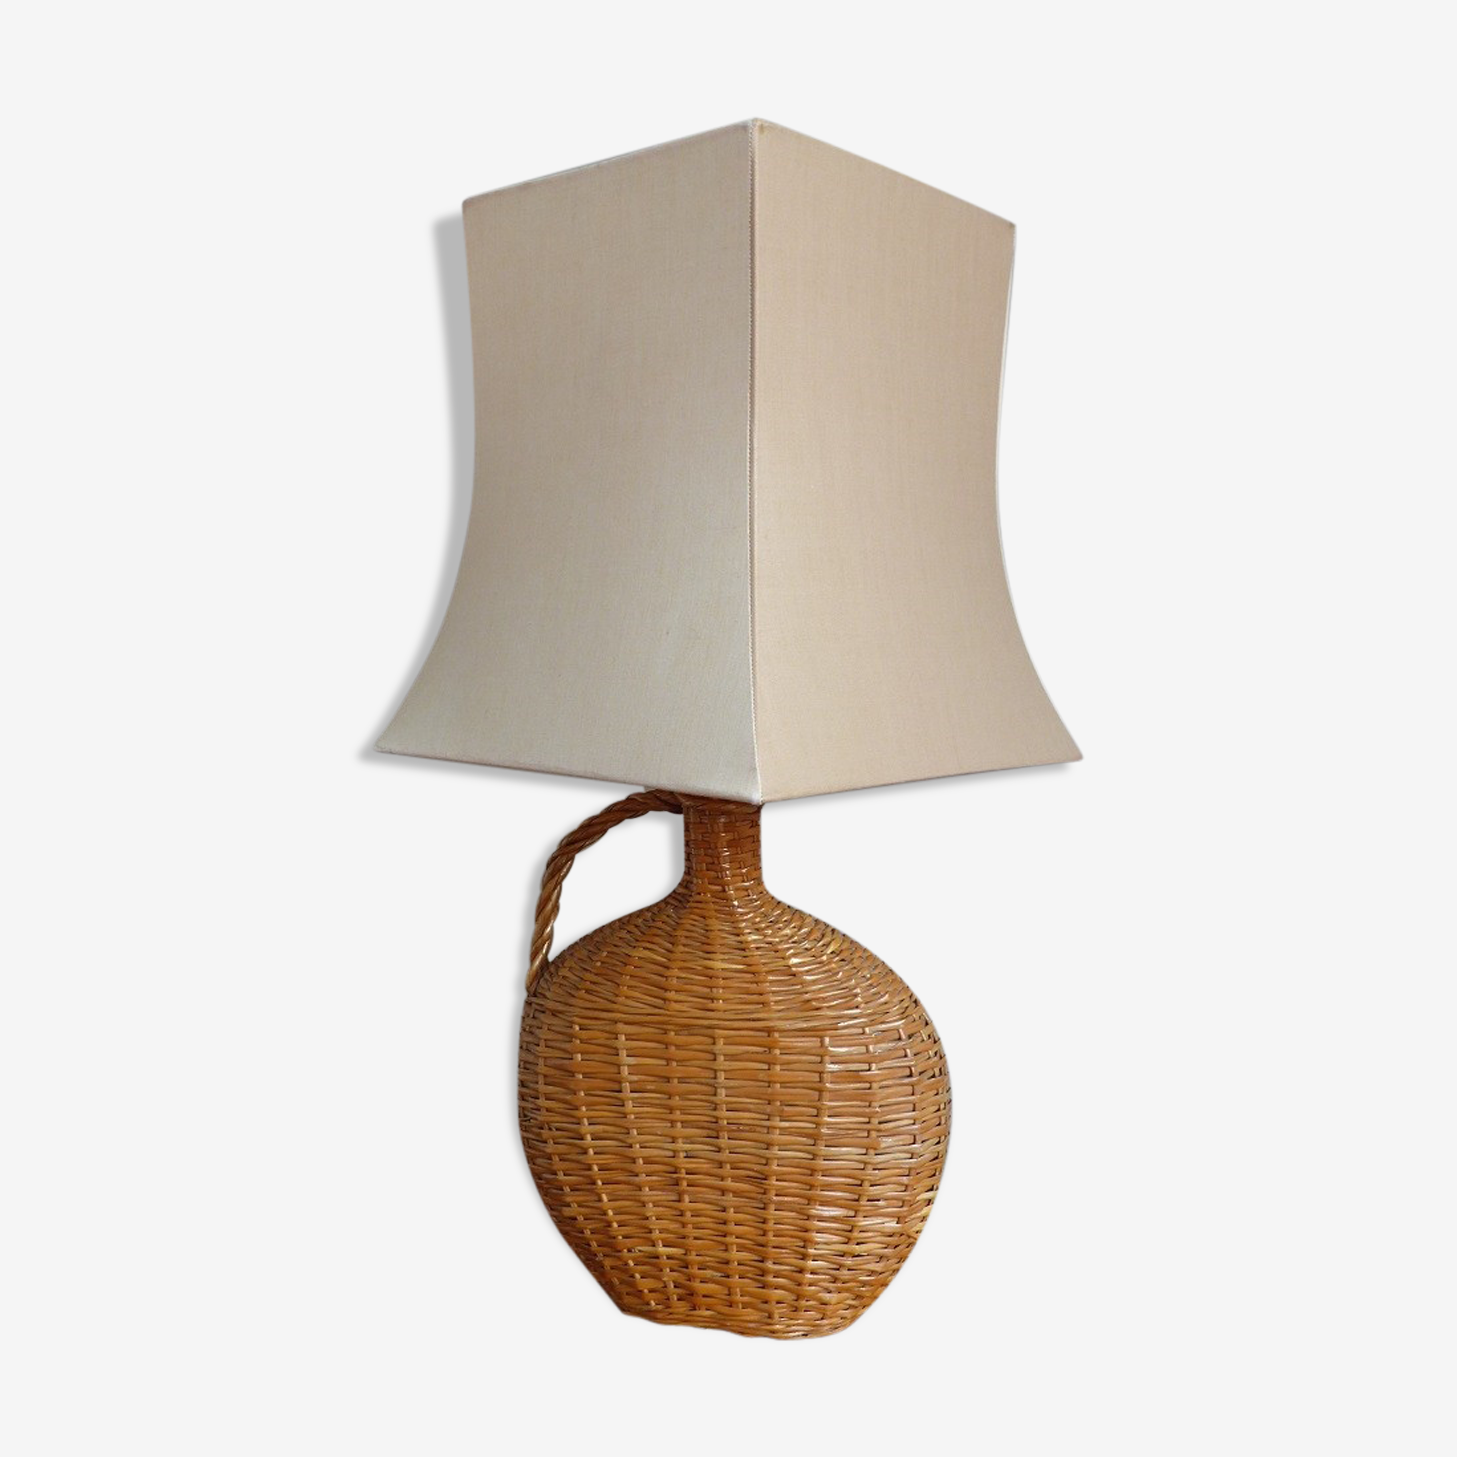 Lampe De Table En Osier Tresse Rotin Et Osier Marron Vintage